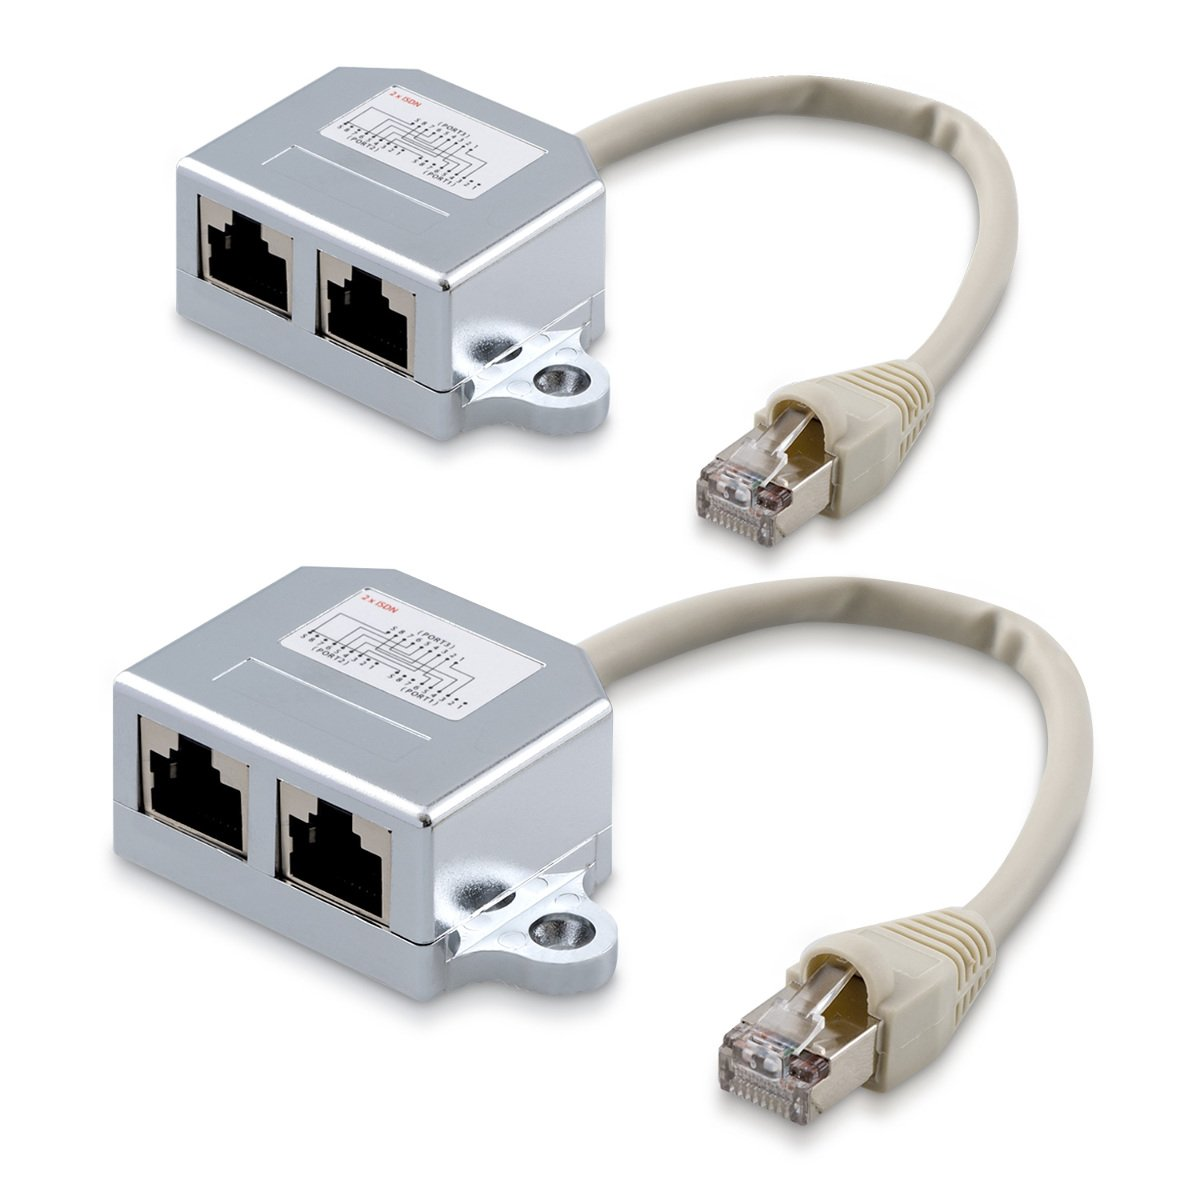 kwmobile 2x Netzwerkkabel Splitter Anschlussverdoppler: Amazon.de ...